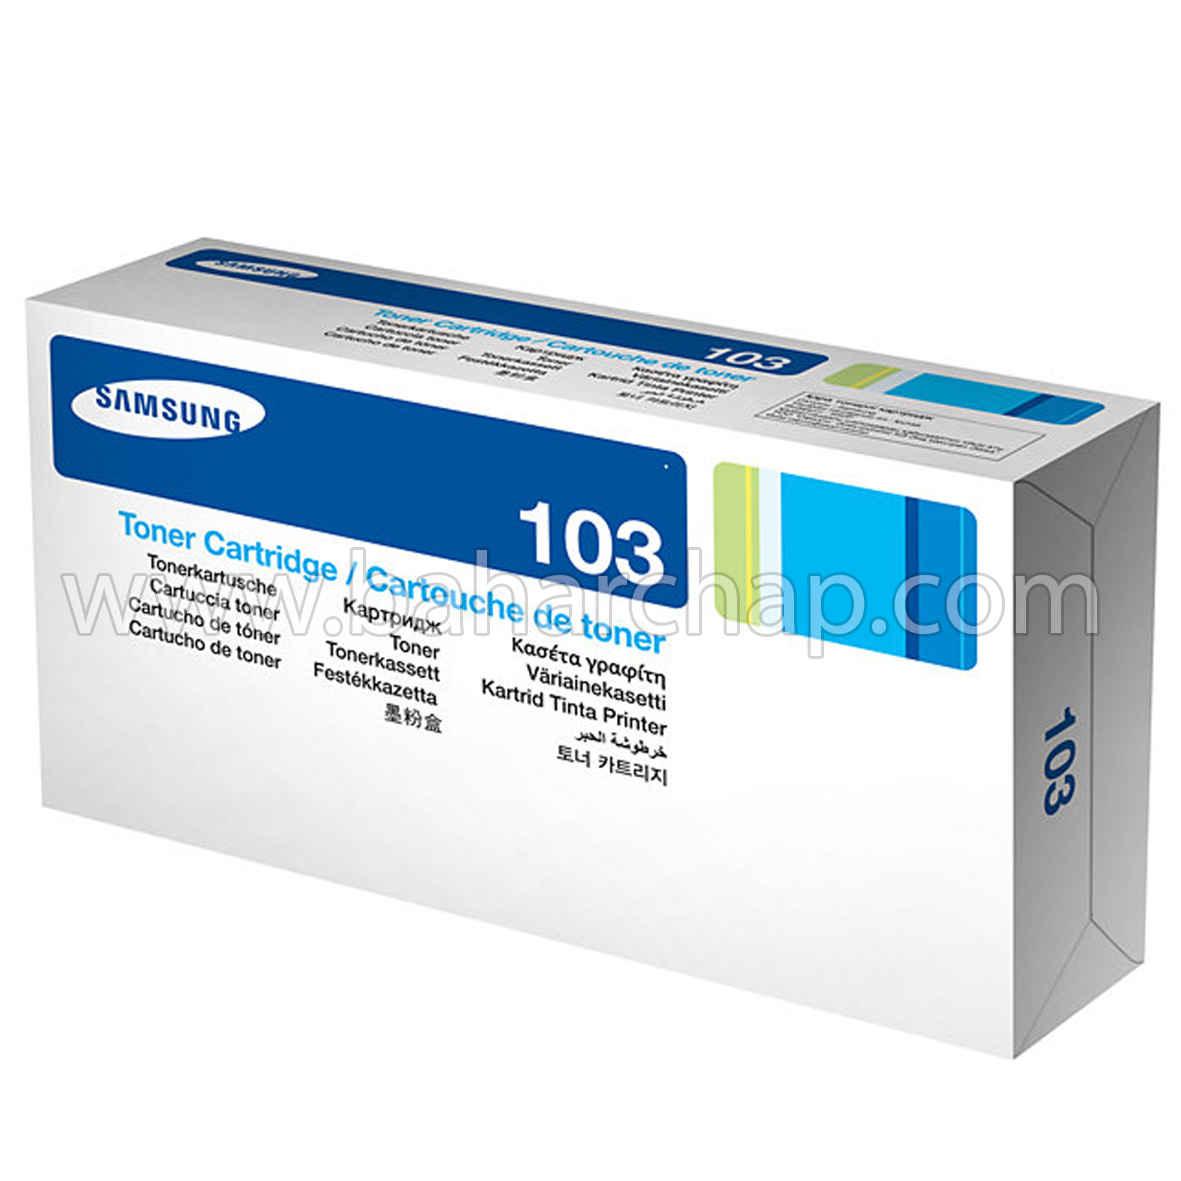 فروشگاه و خدمات اینترنتی بهارچاپ اصفهان-کارتریج103 ال سامسونگ -Samsung ML103 cartridge